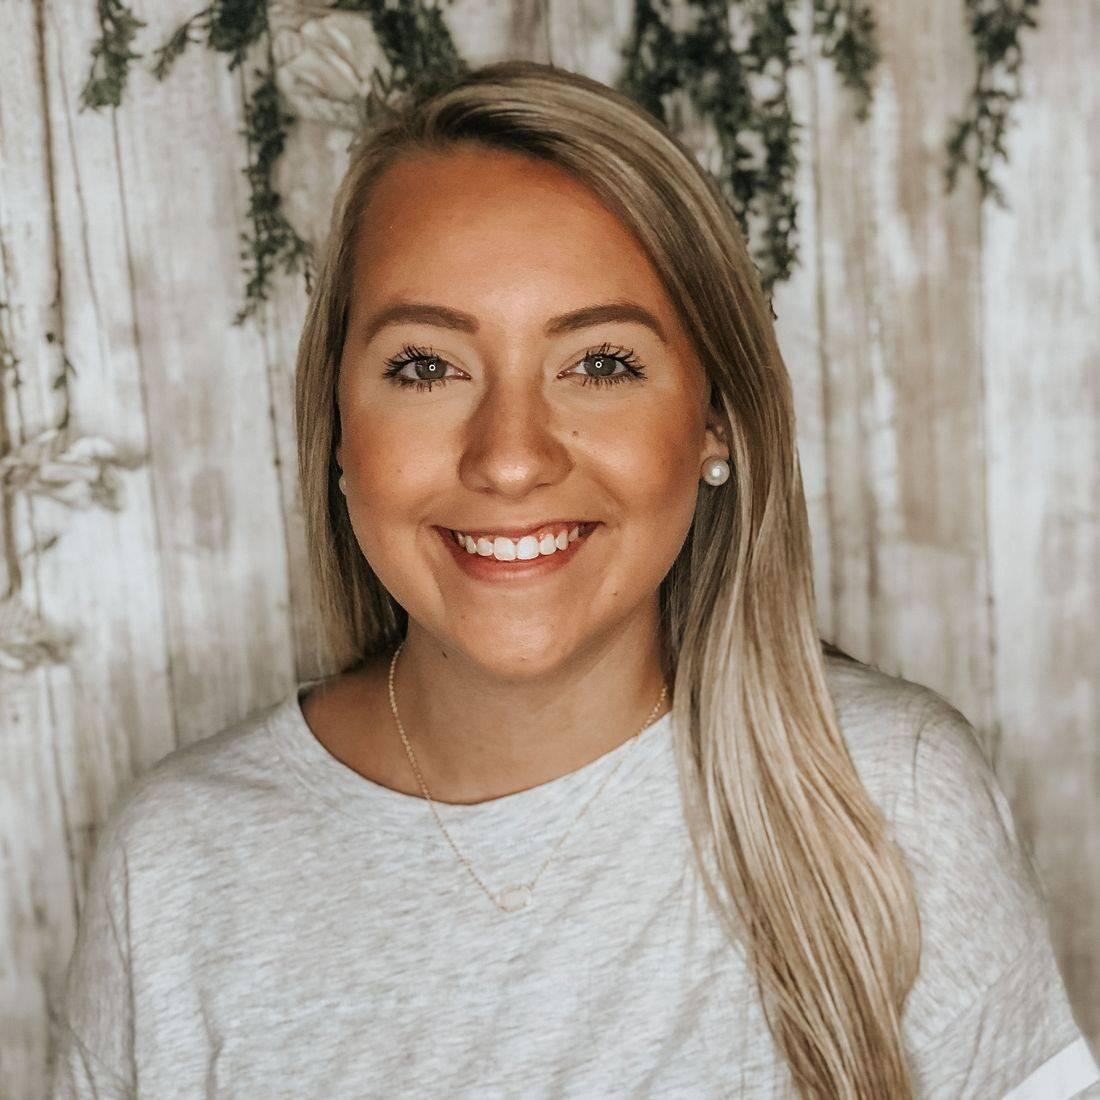 Jessica Edwards Stylist